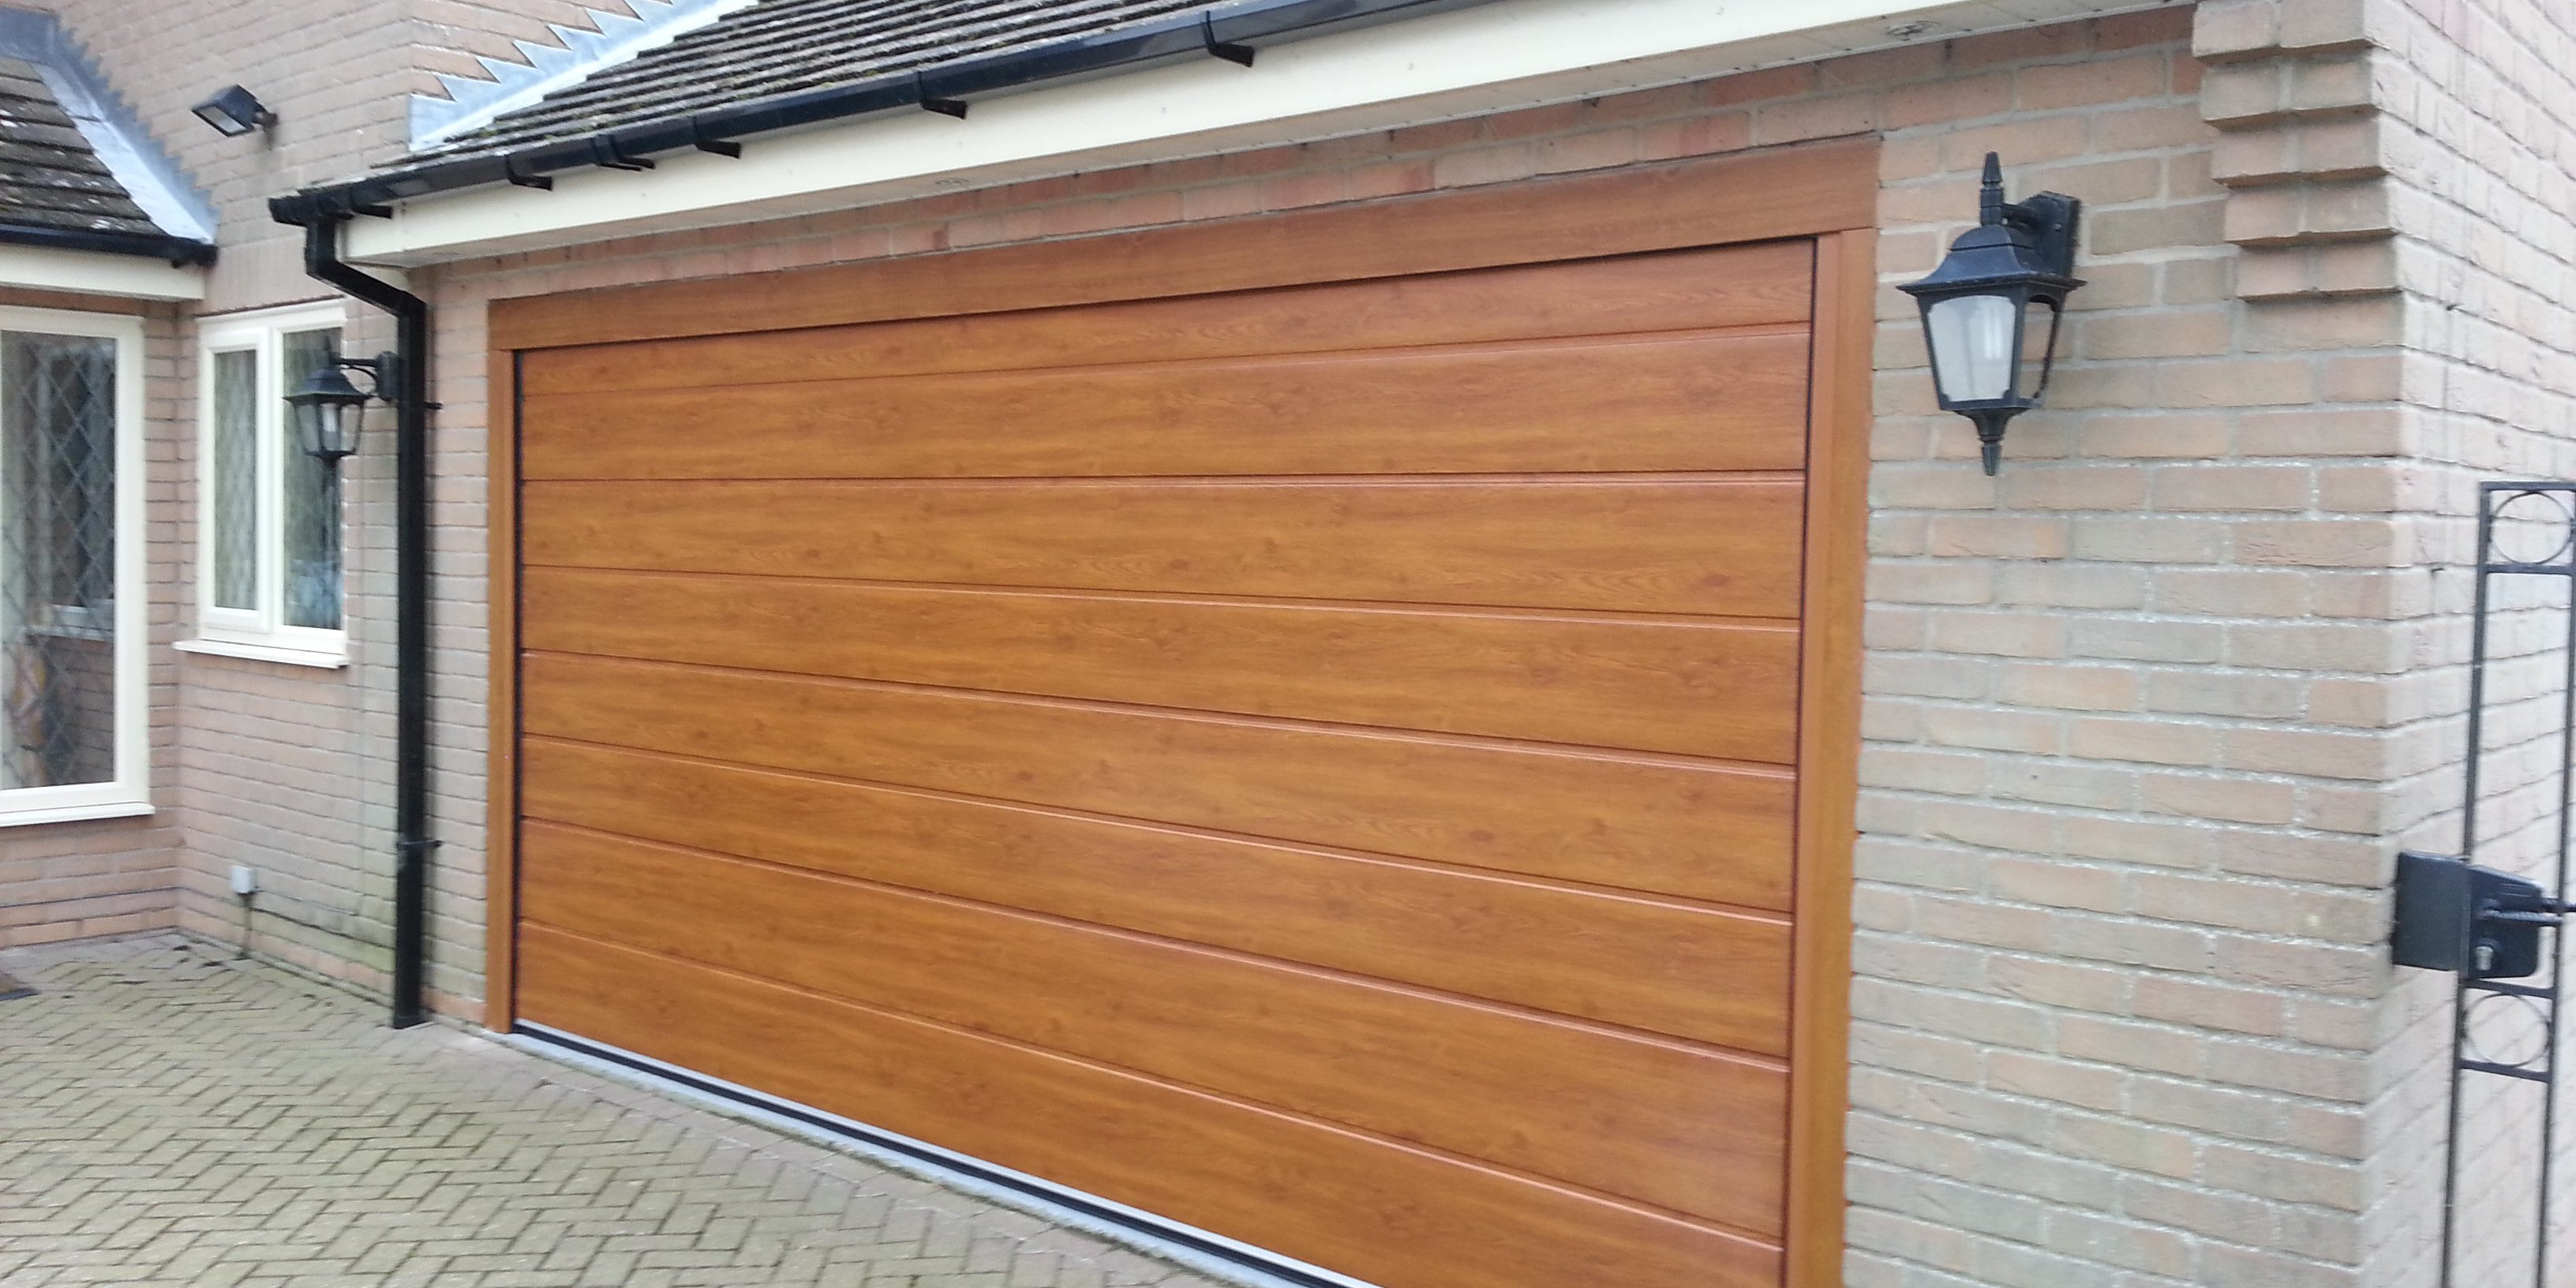 New Insulated Garage Door Grantham East Midlands Garage Door